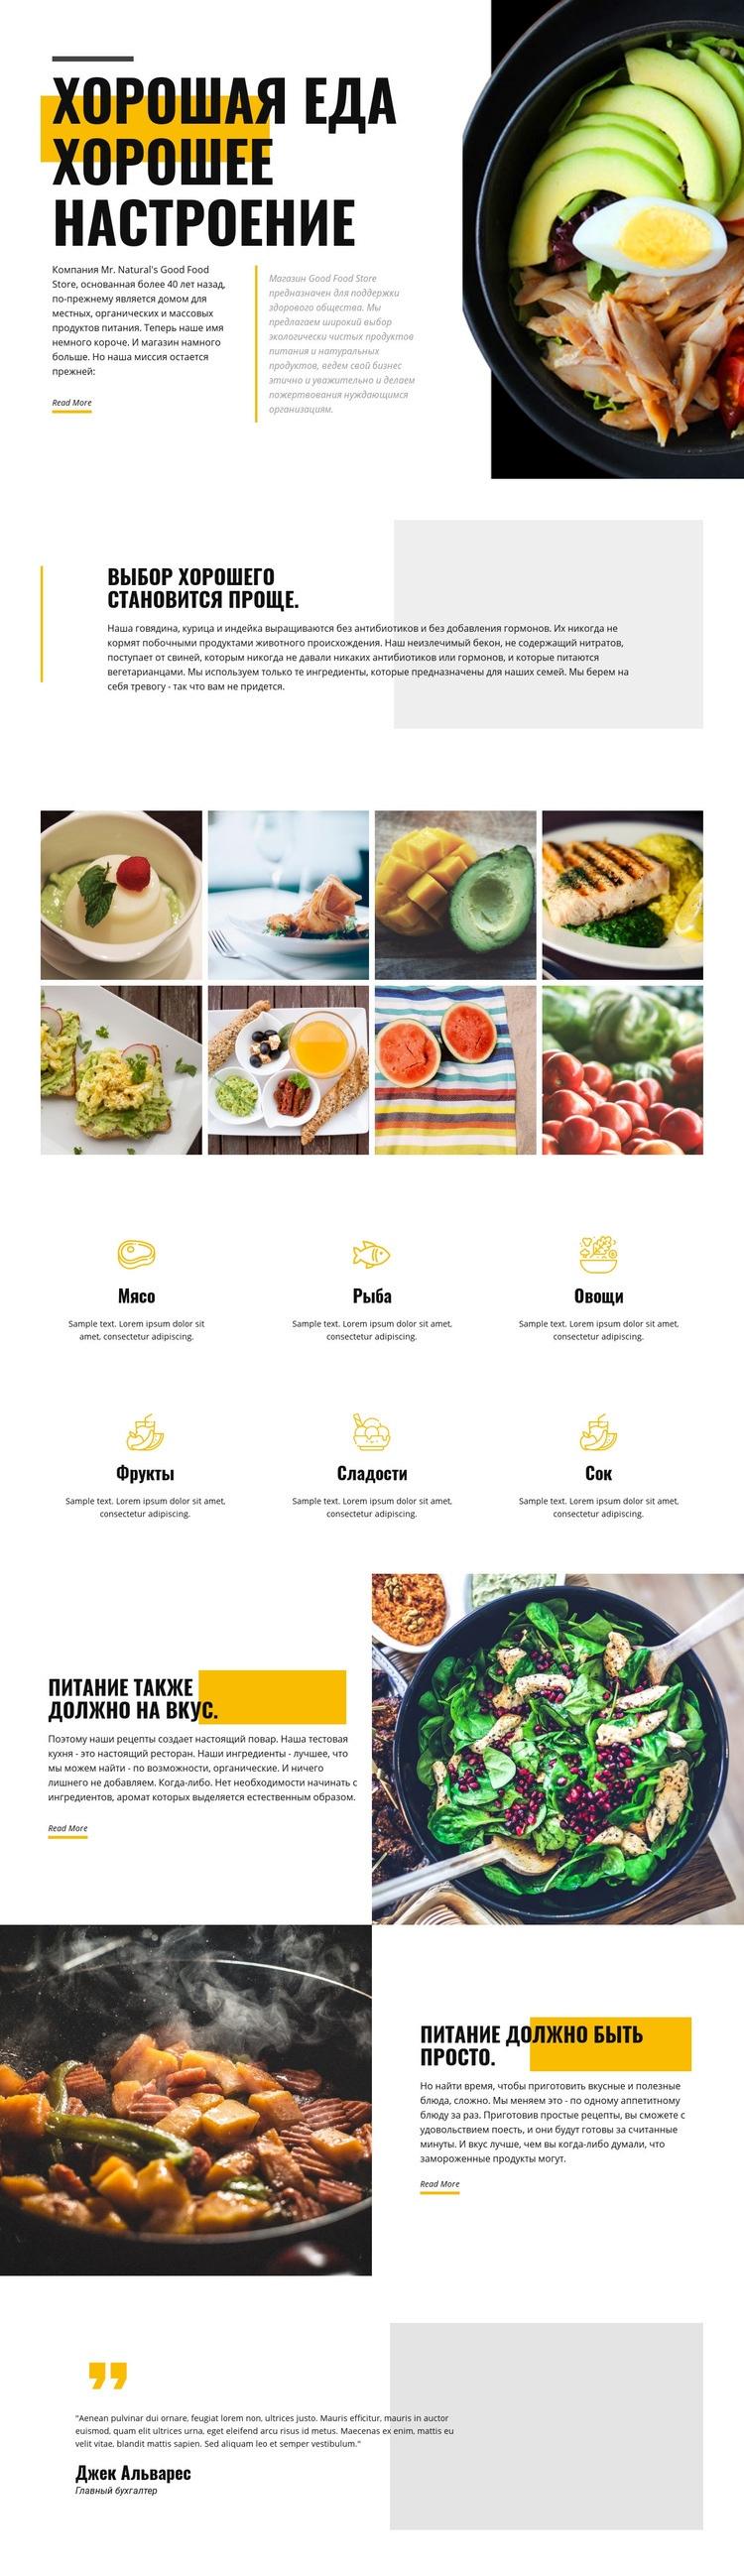 Хорошее настроение хорошая еда HTML шаблон